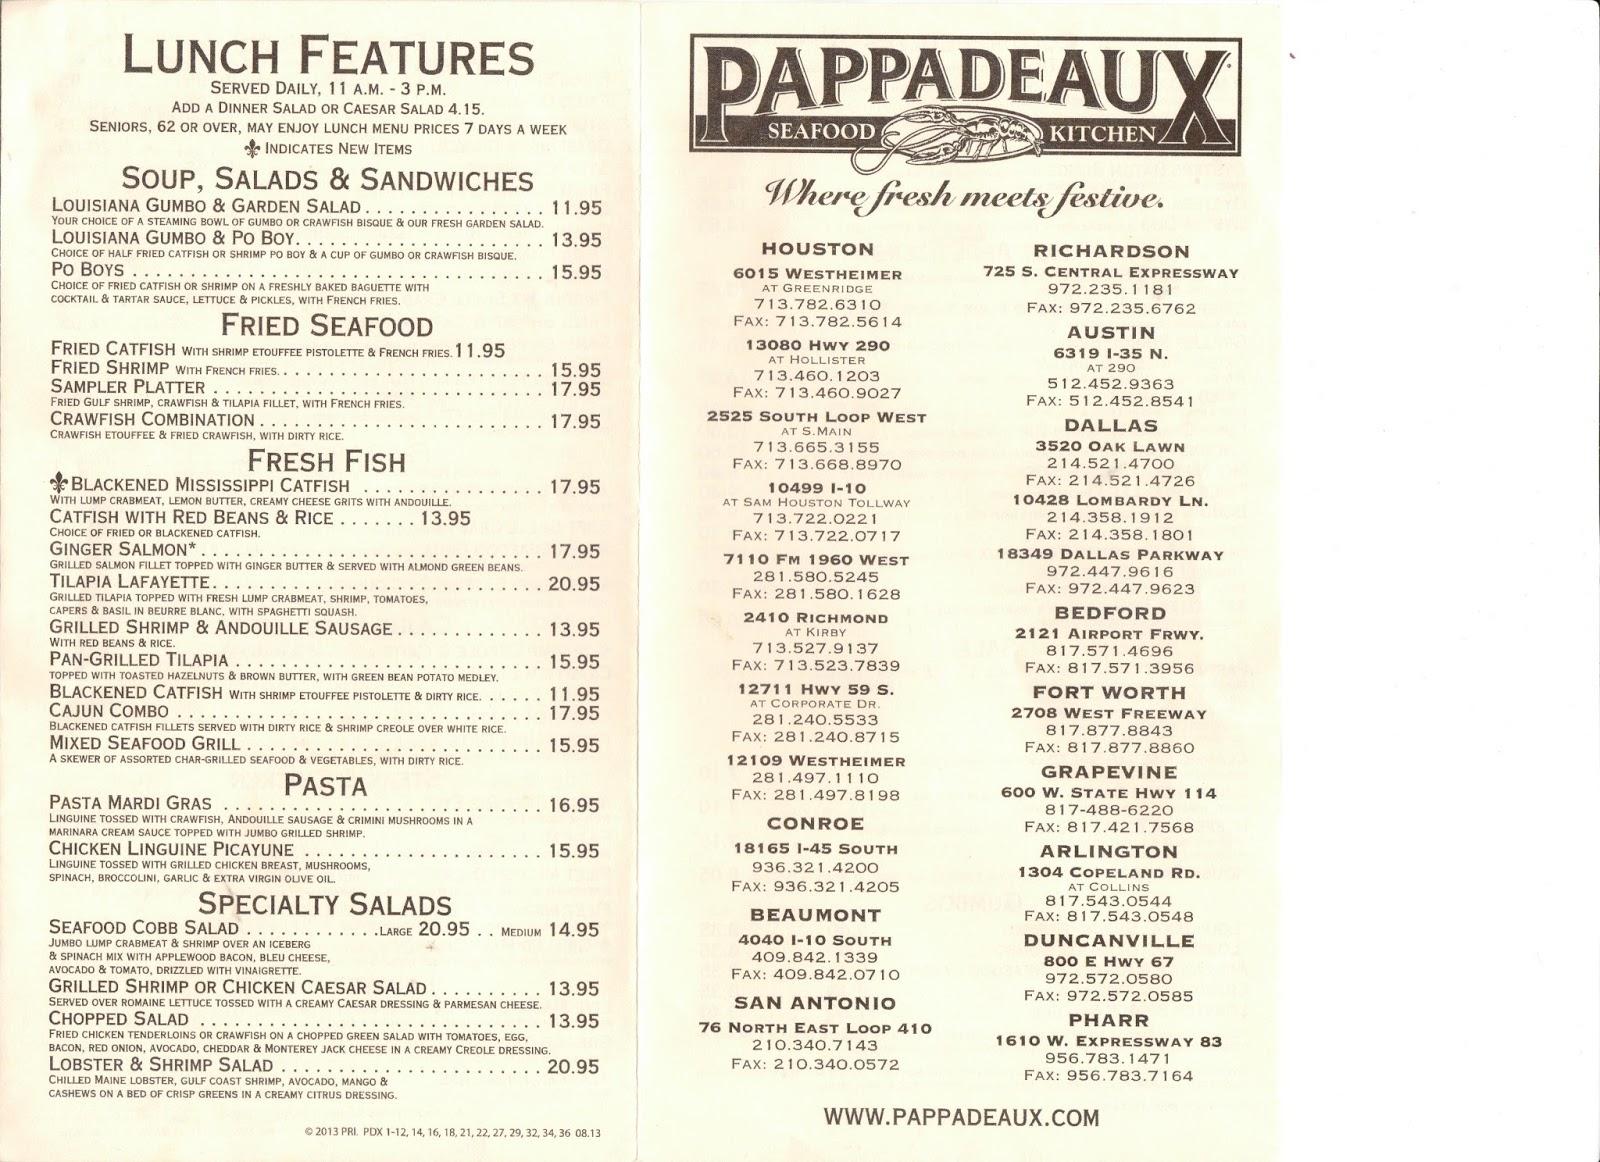 VC Menu: Pappadeaux Seafood Kitchen - Houston TX